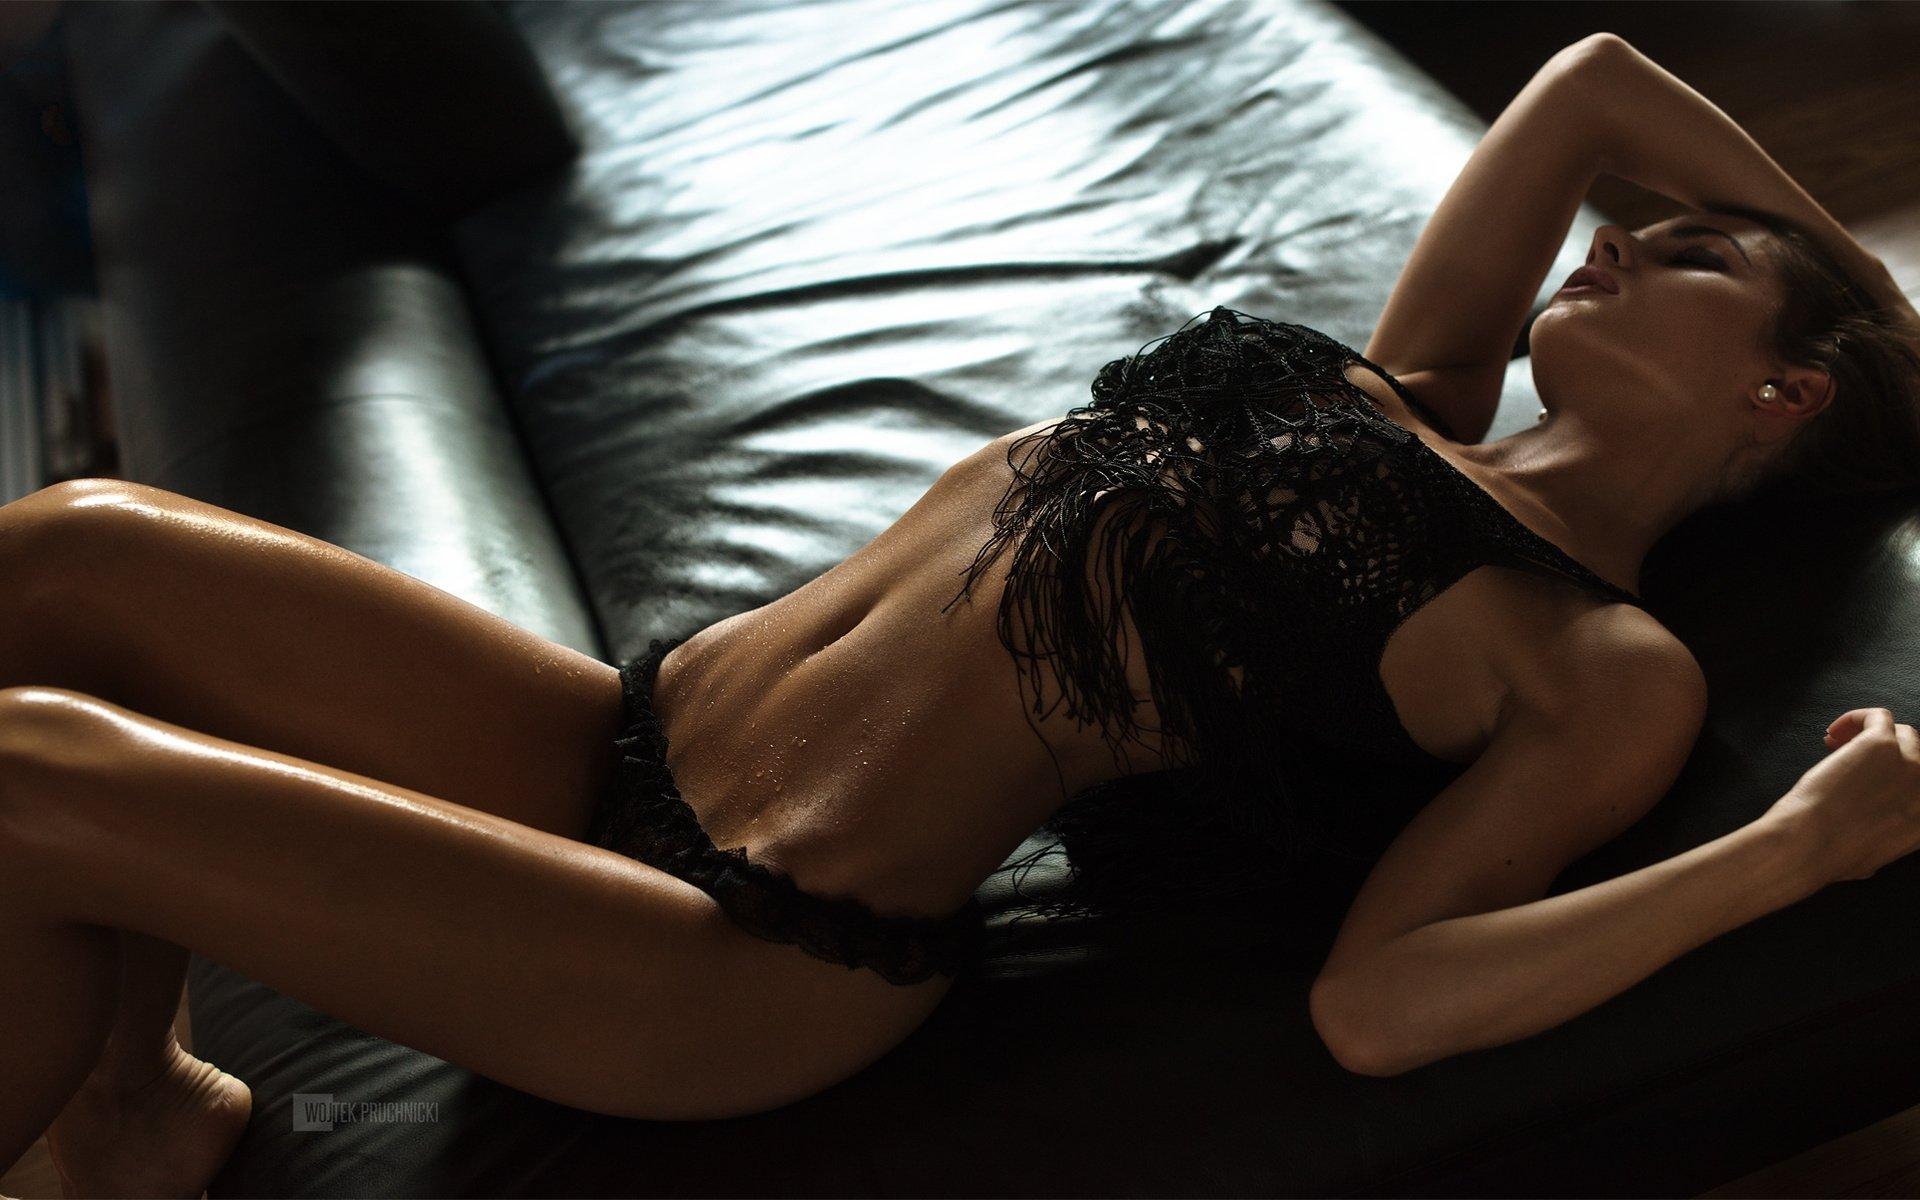 фото прекрасных женских тел хинштейн, например